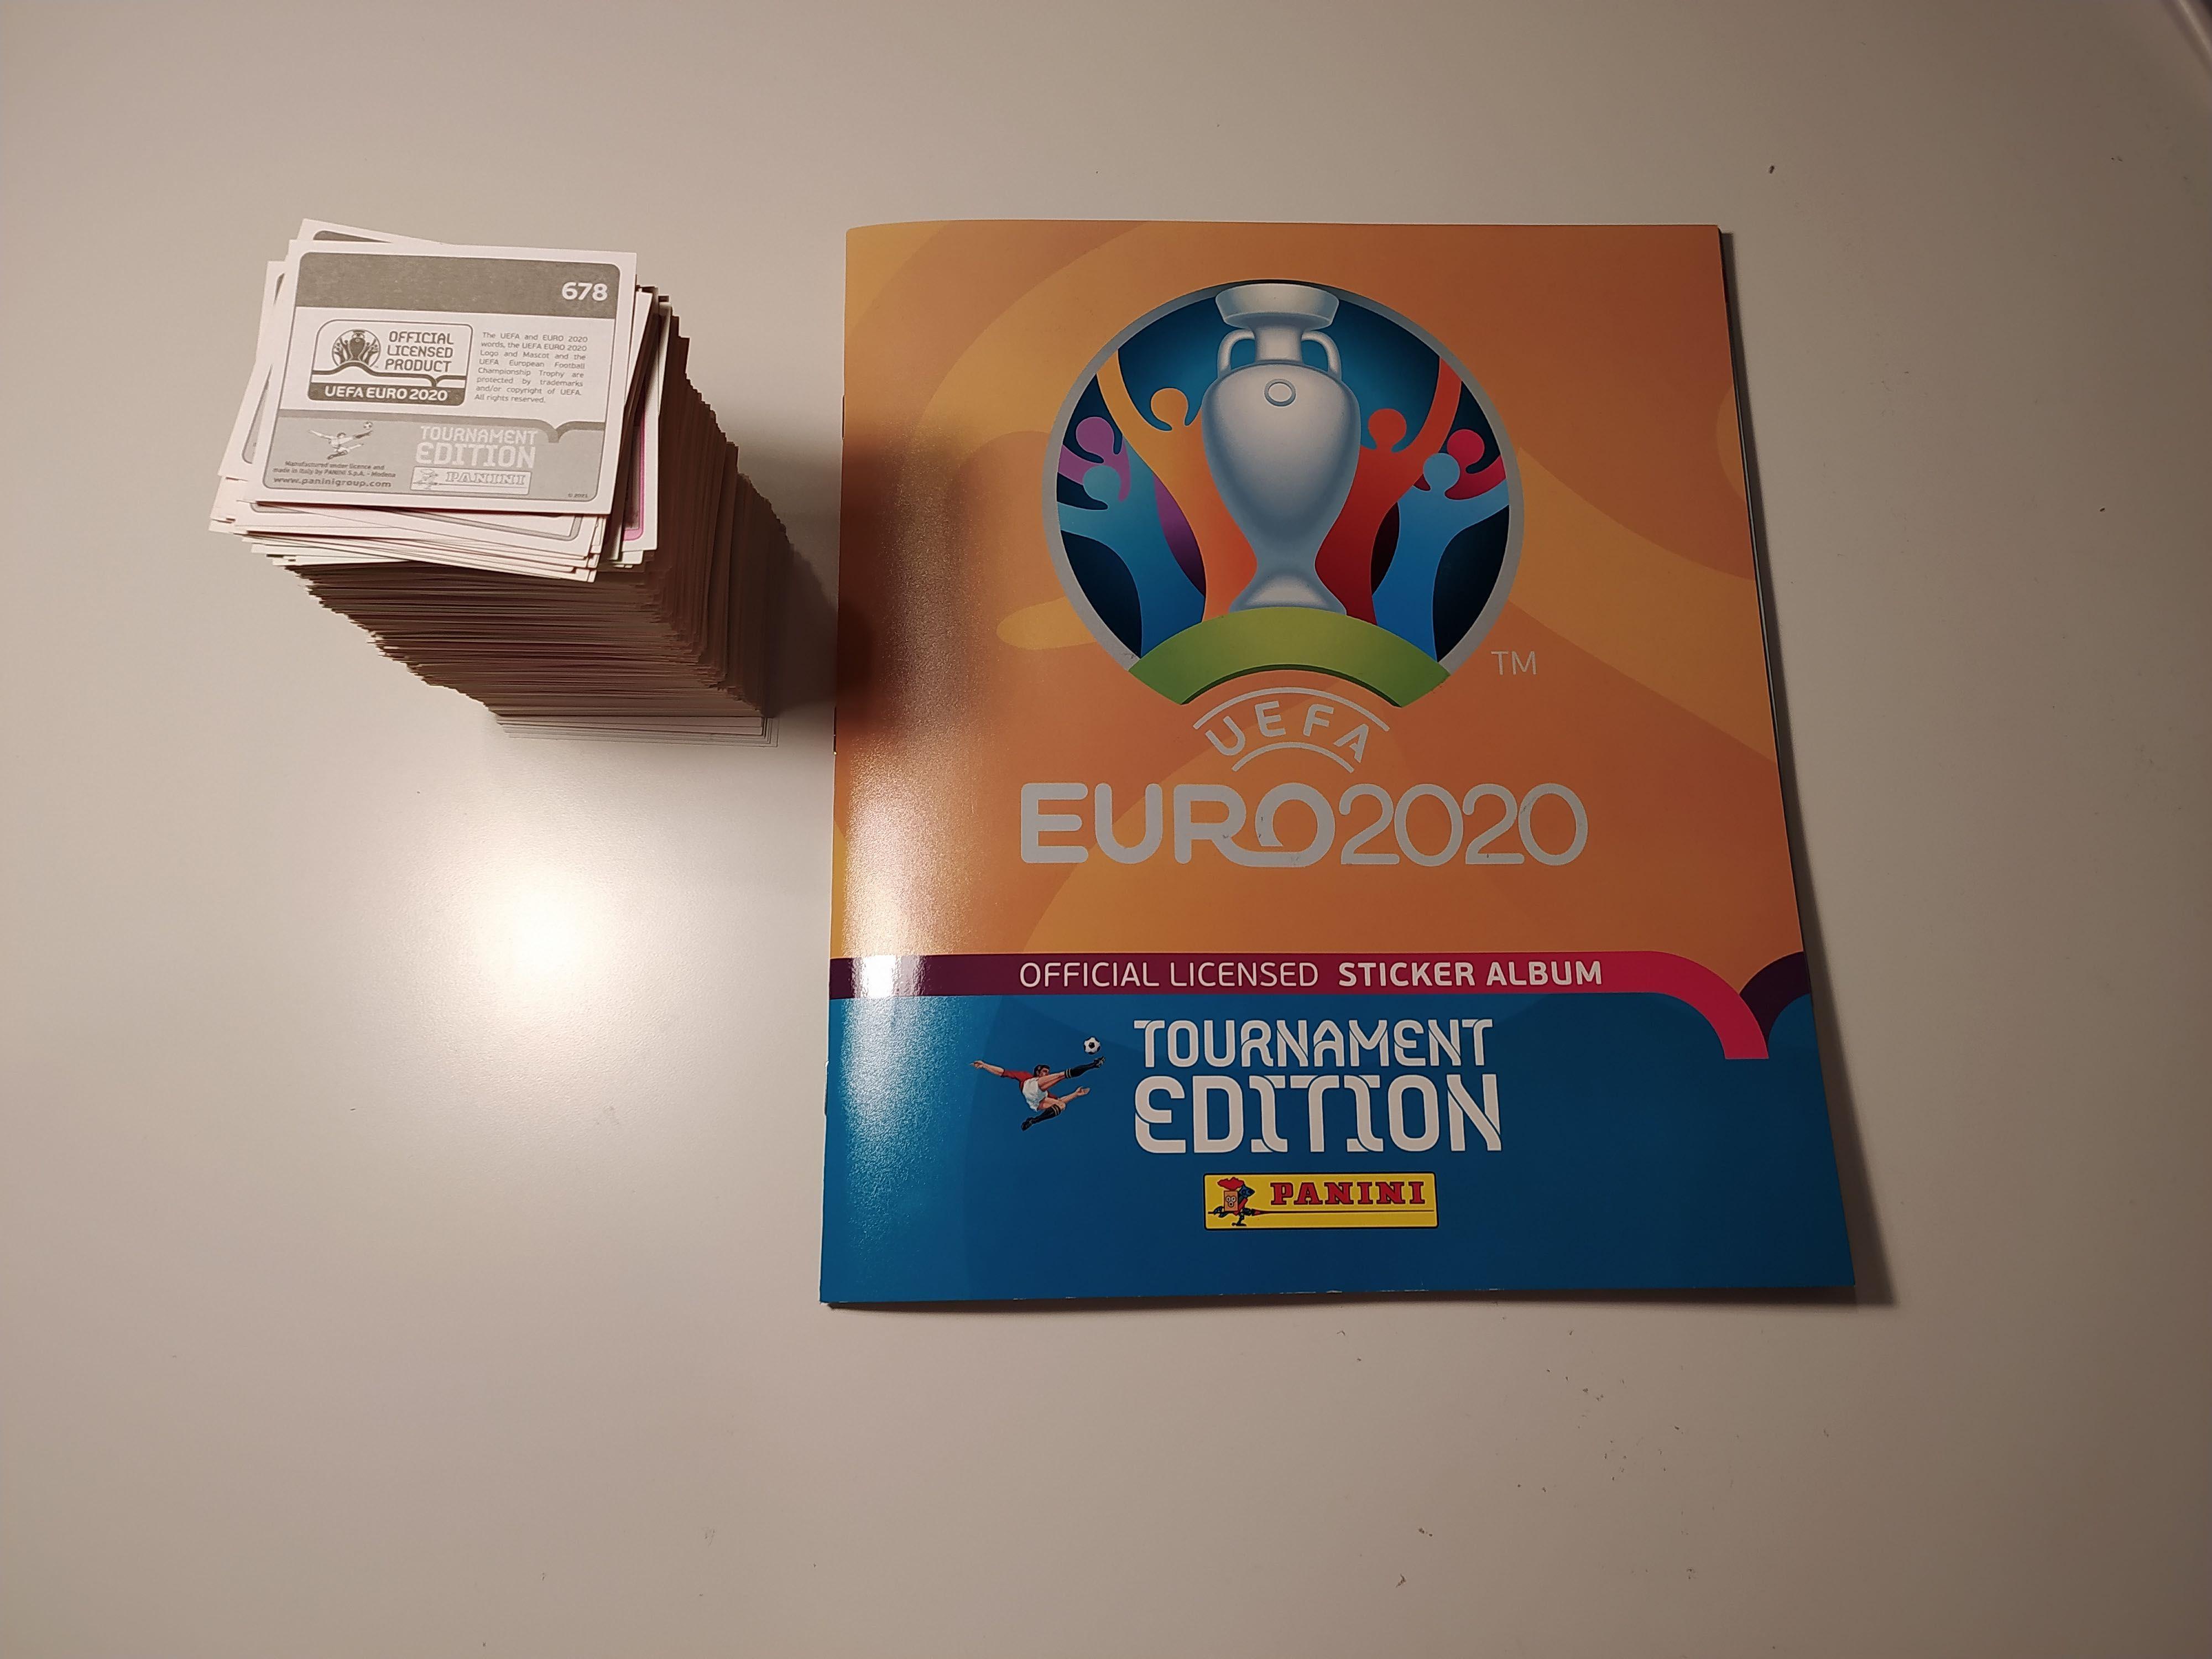 Caderneta Euro 2020 quase completa (faltam 5 cromos) - ofereço portes